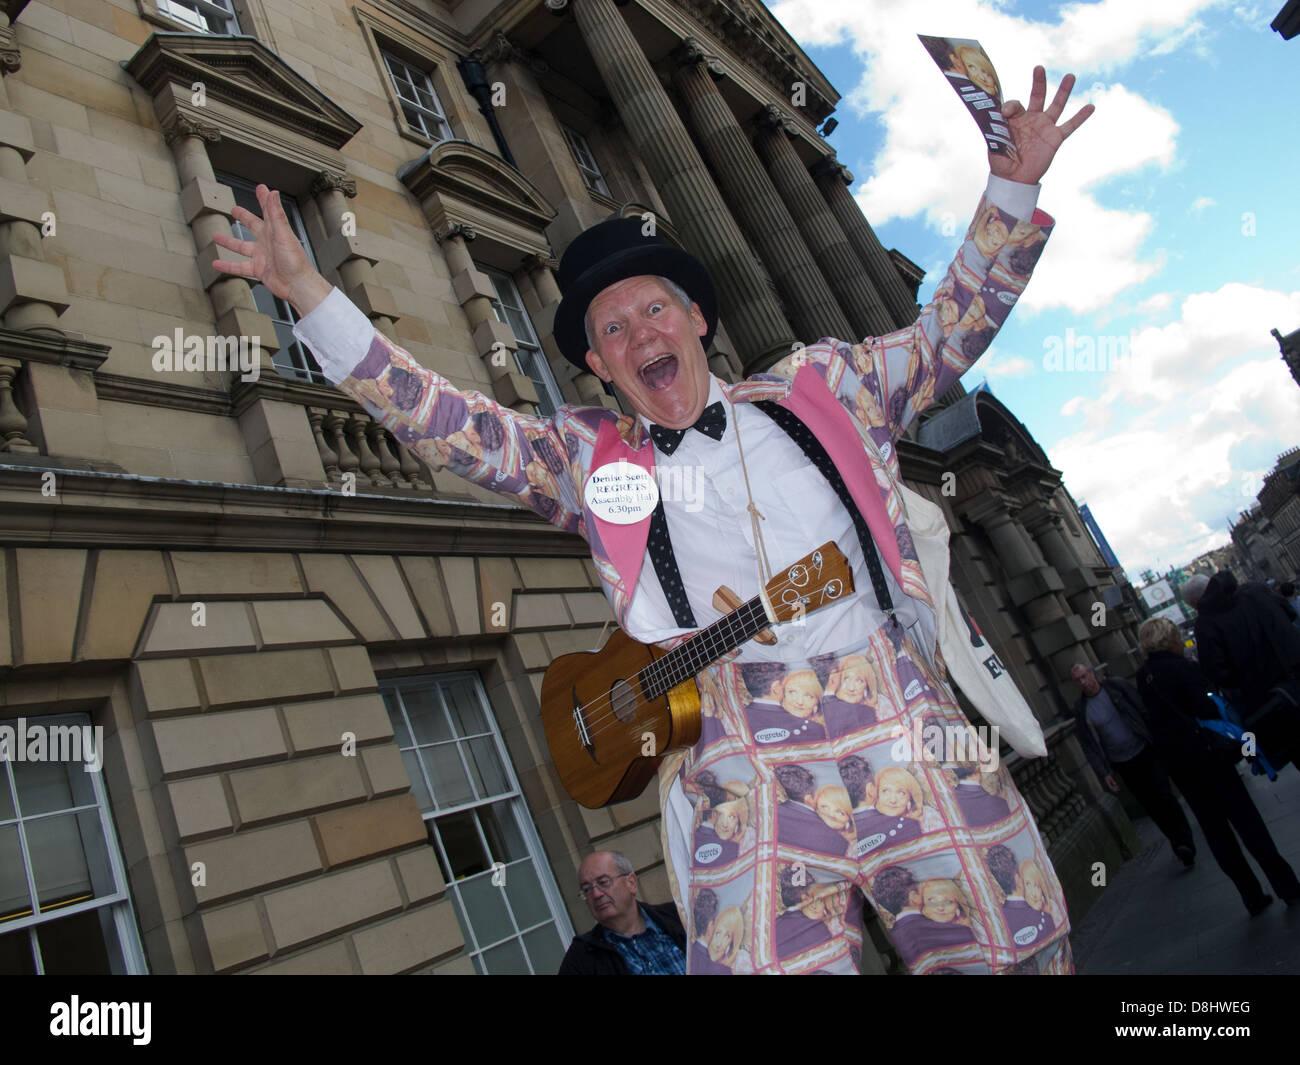 Laden Sie dieses Alamy Stockfoto Denise Scott bedauert, Edinburgh Festival Fringe handeln, Schottland, UK, EH1 1QS - D8HWEG